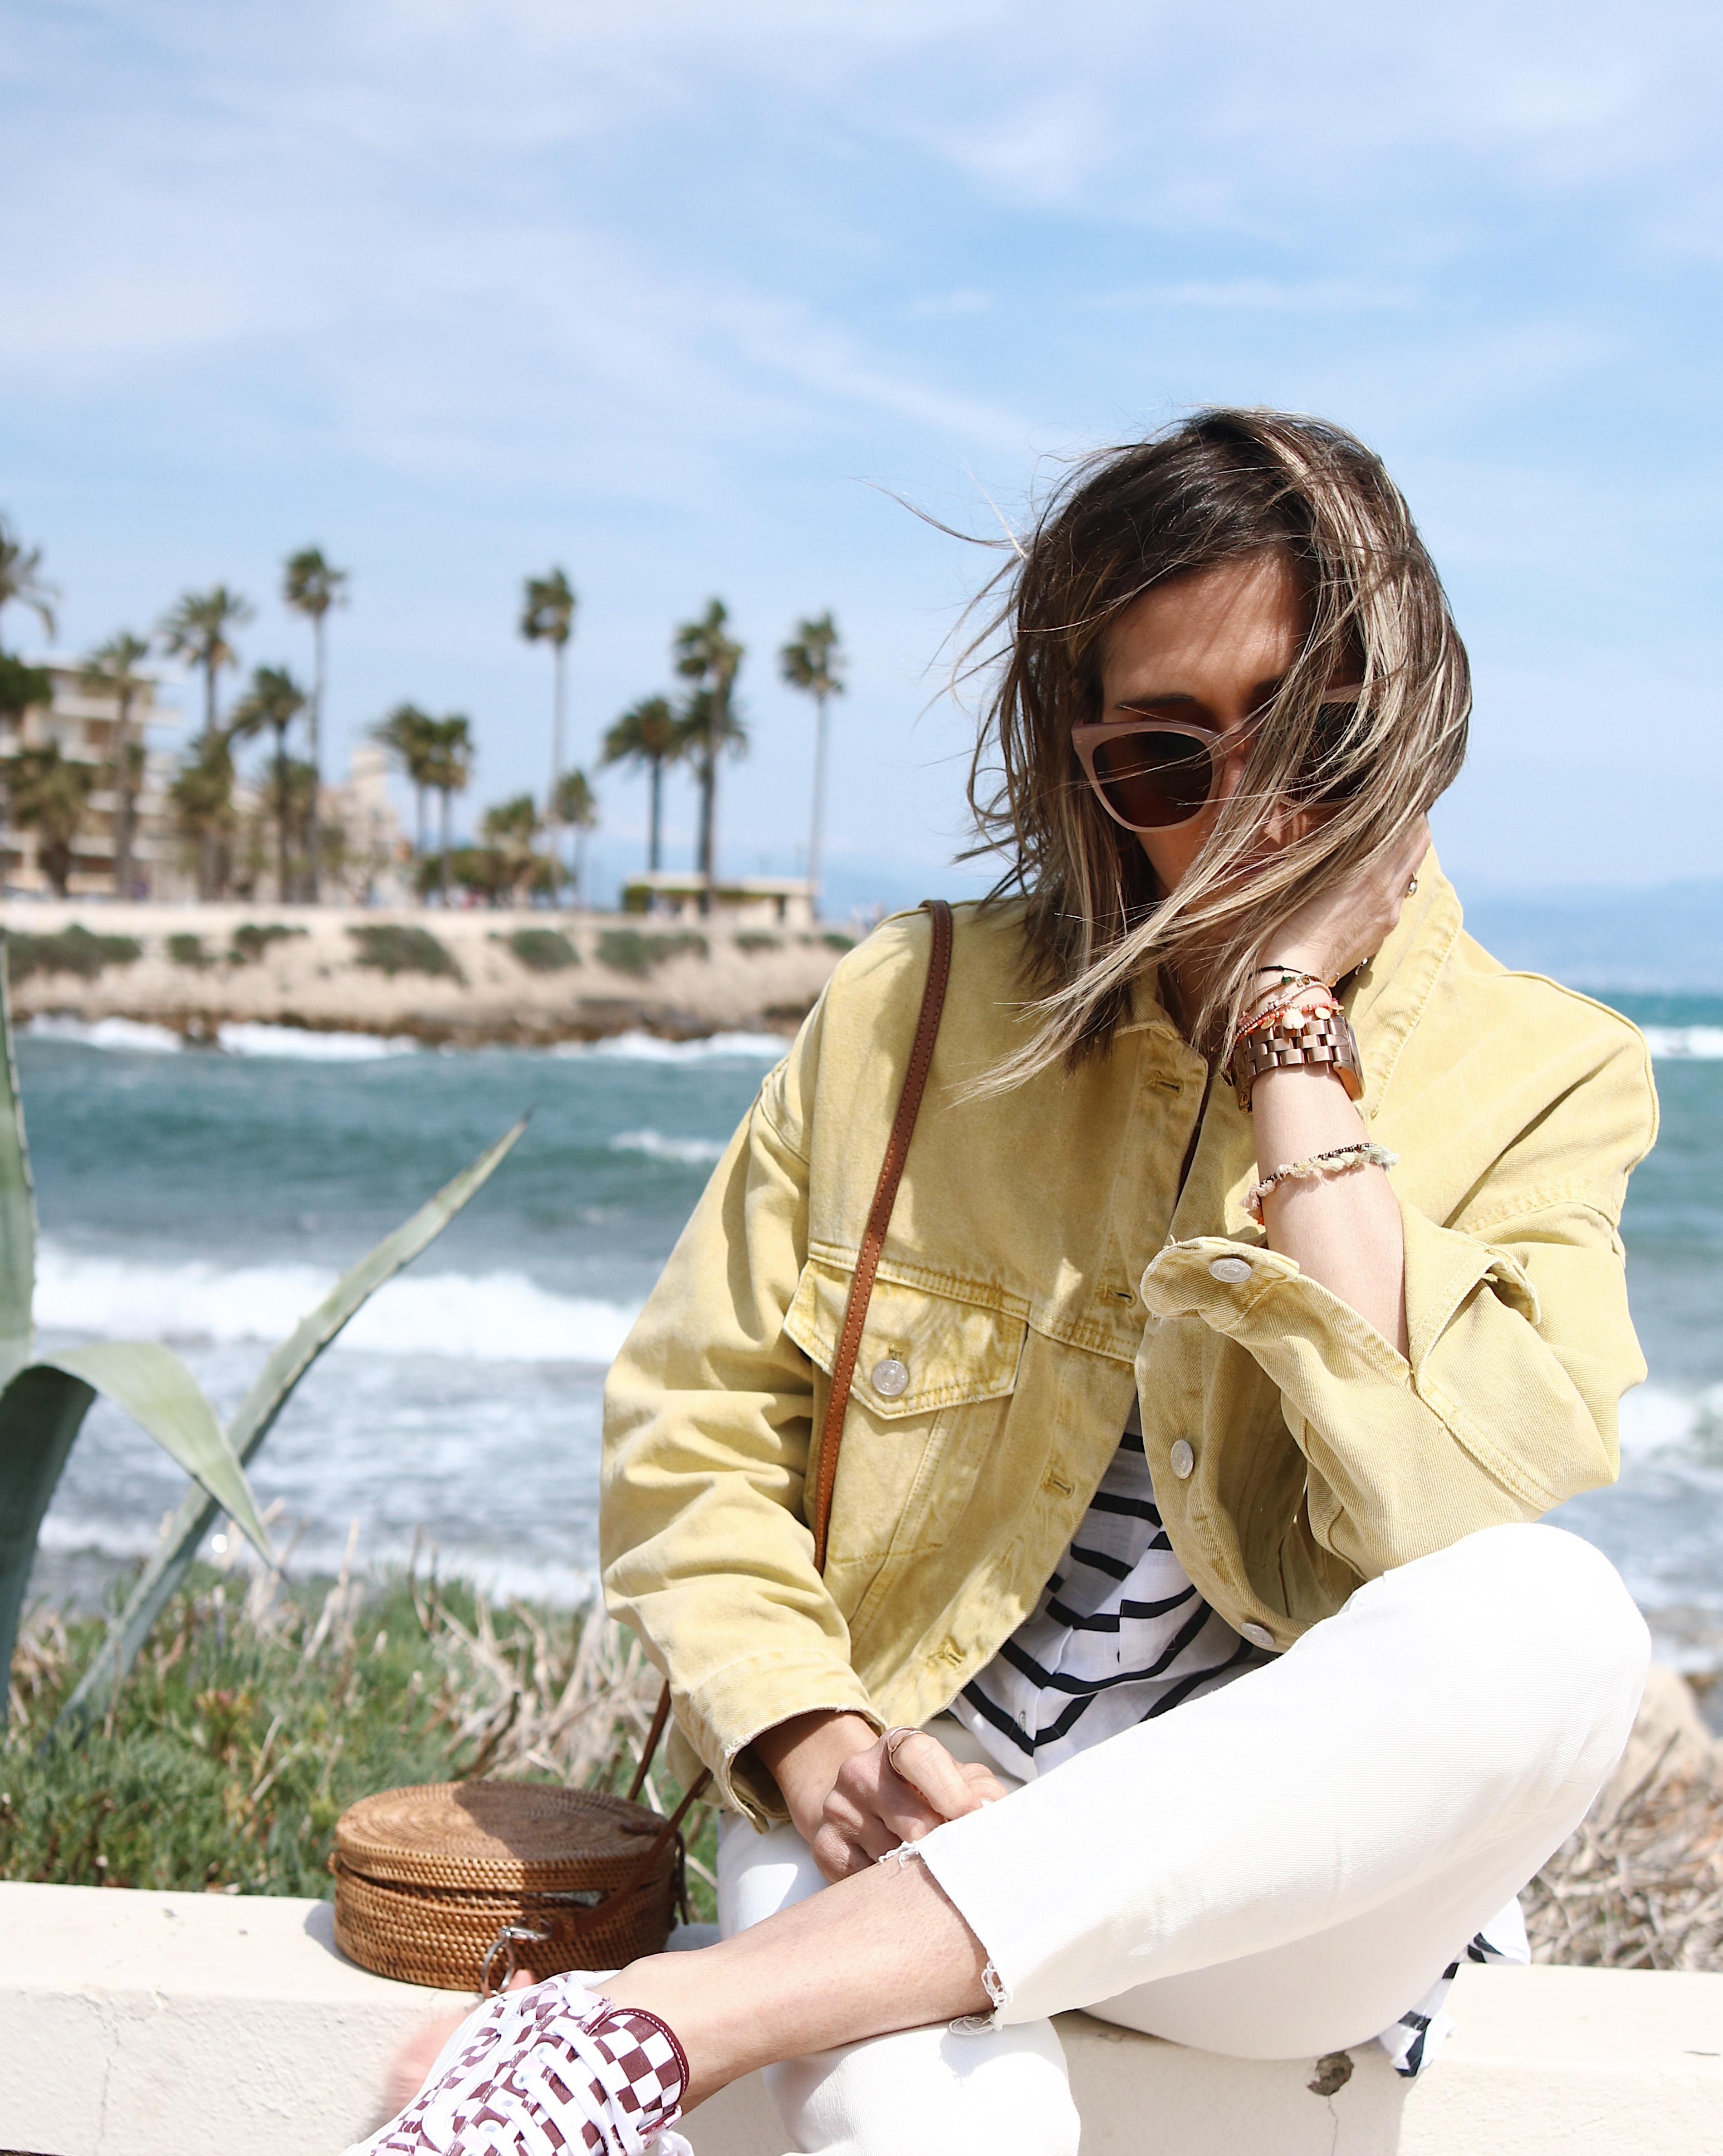 Chon & CHON - WINDY - blog mode et bijoux, casual look Zara, jeans blanc et veste denim jaune, chemise lin rayée